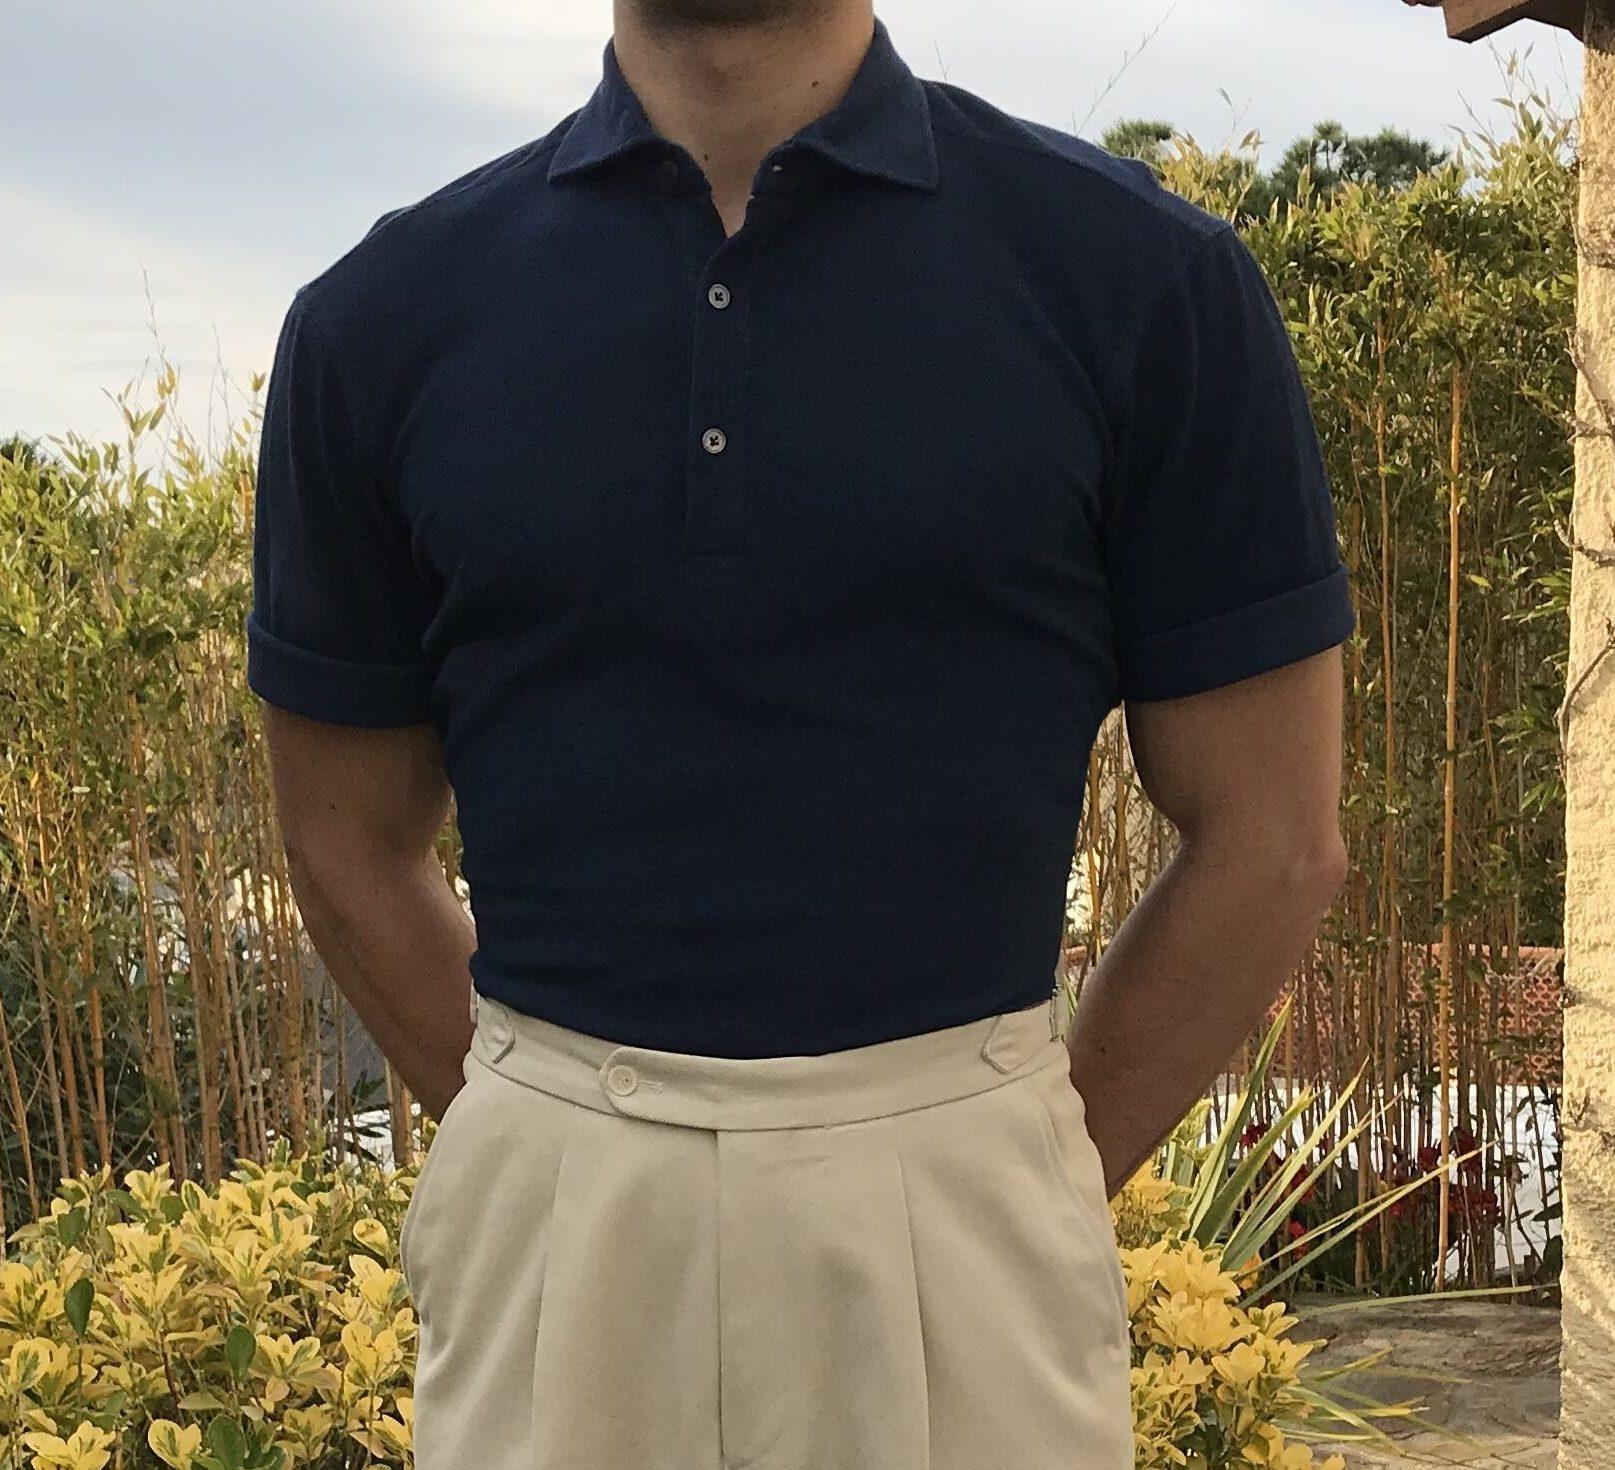 Le polo est cintré et met la carrure en valeur, comme sur un t-shirt pensez à rouloter les manches pour donner l'illusion d'un bras plus musclé.